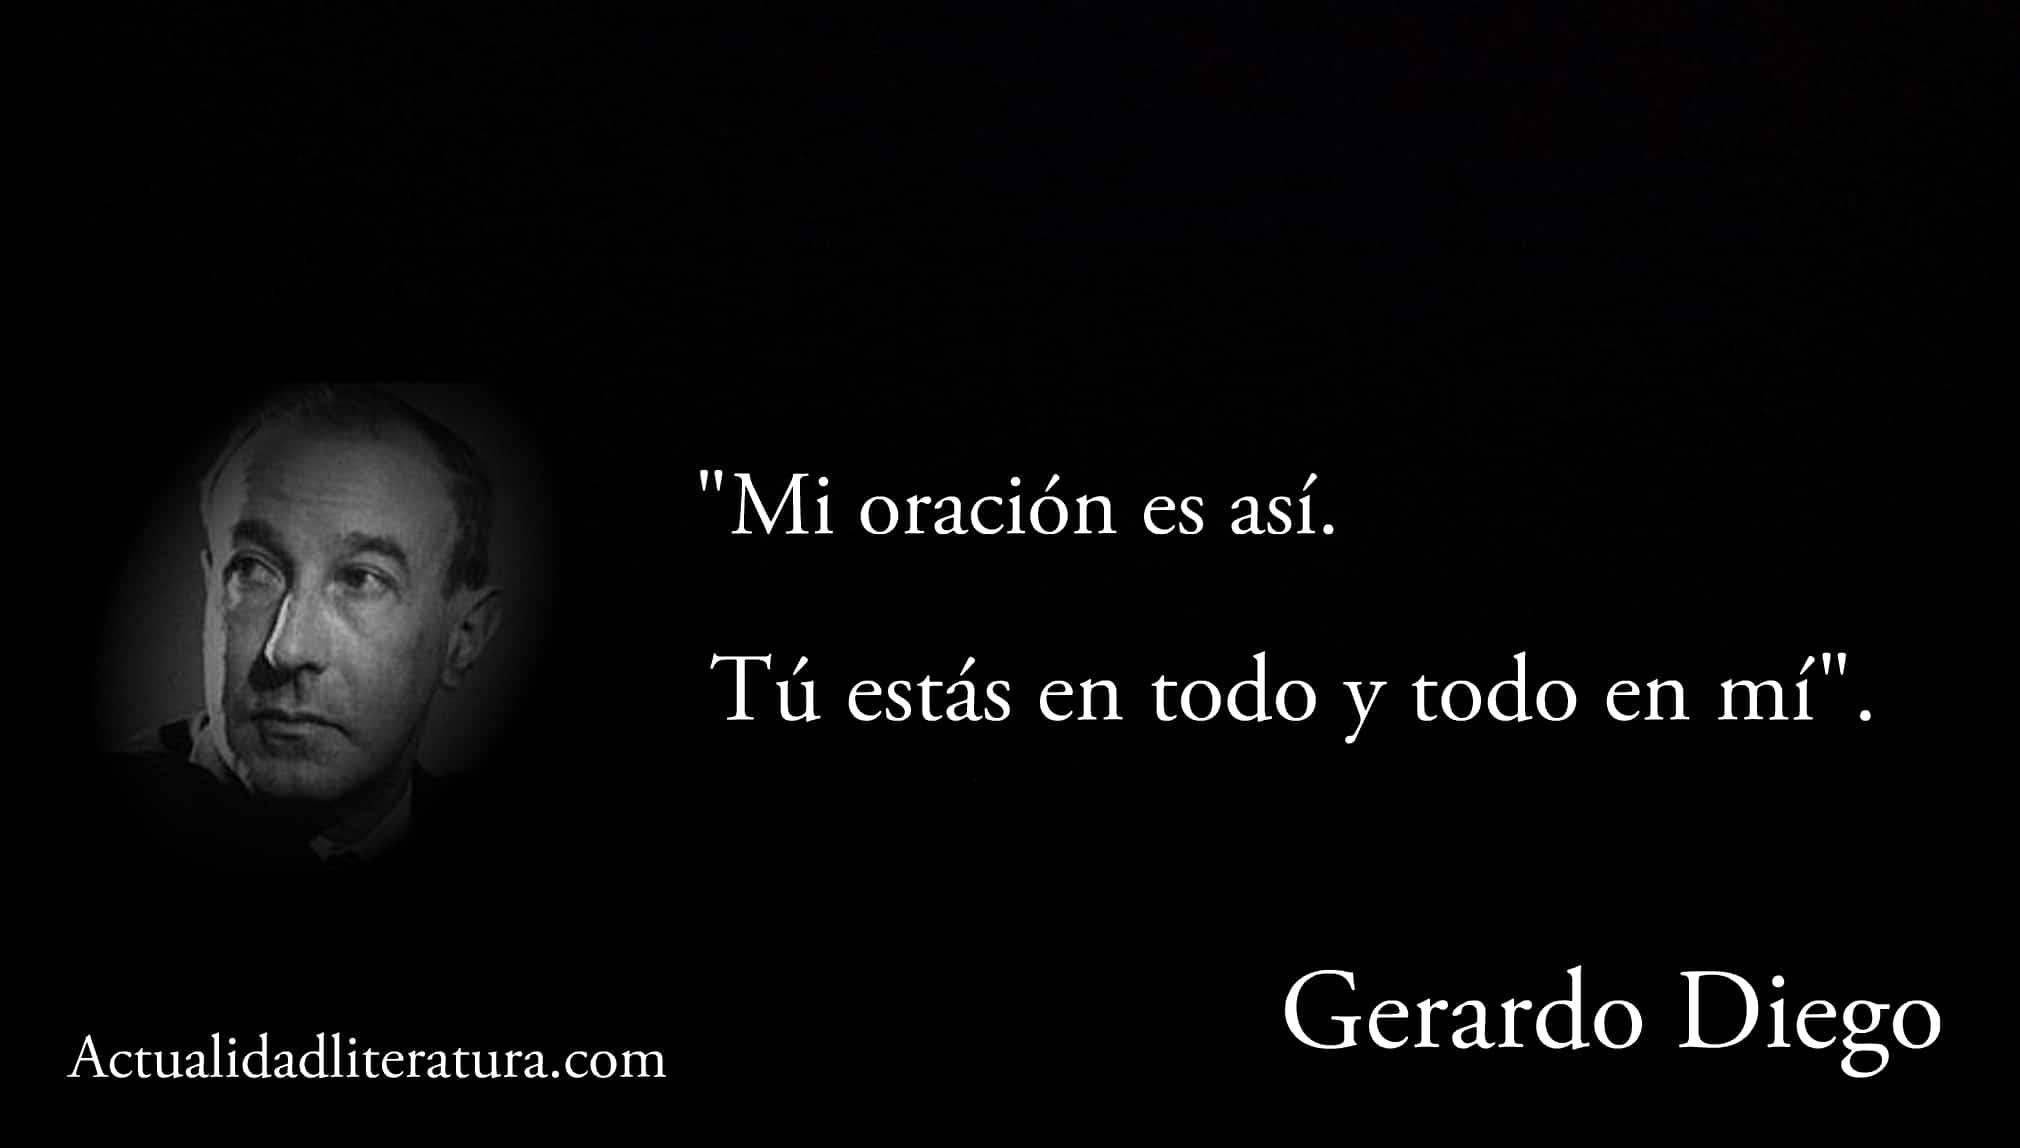 Frase de Gerardo Diego.